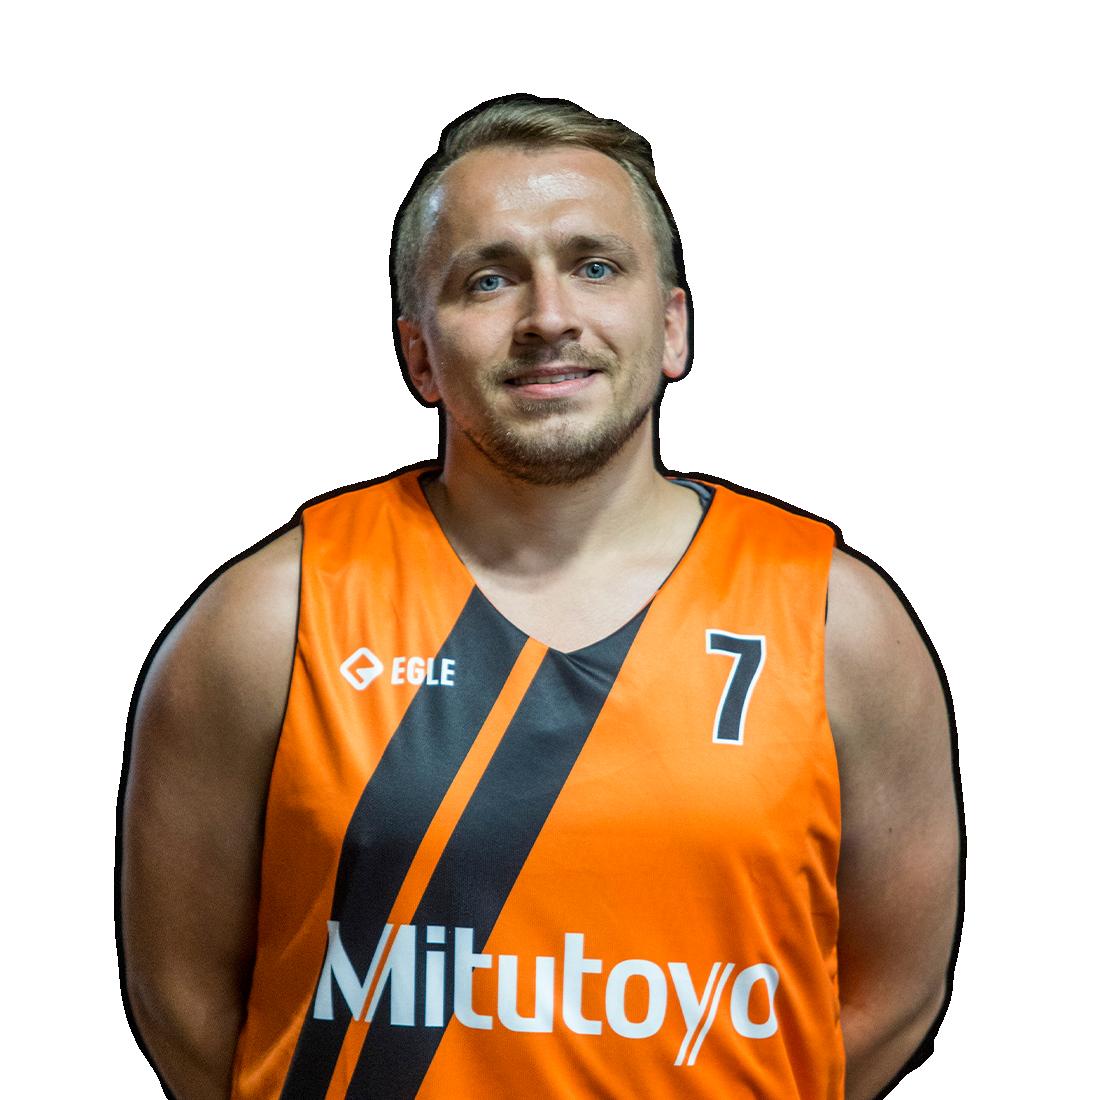 Kacper Żelakiewicz